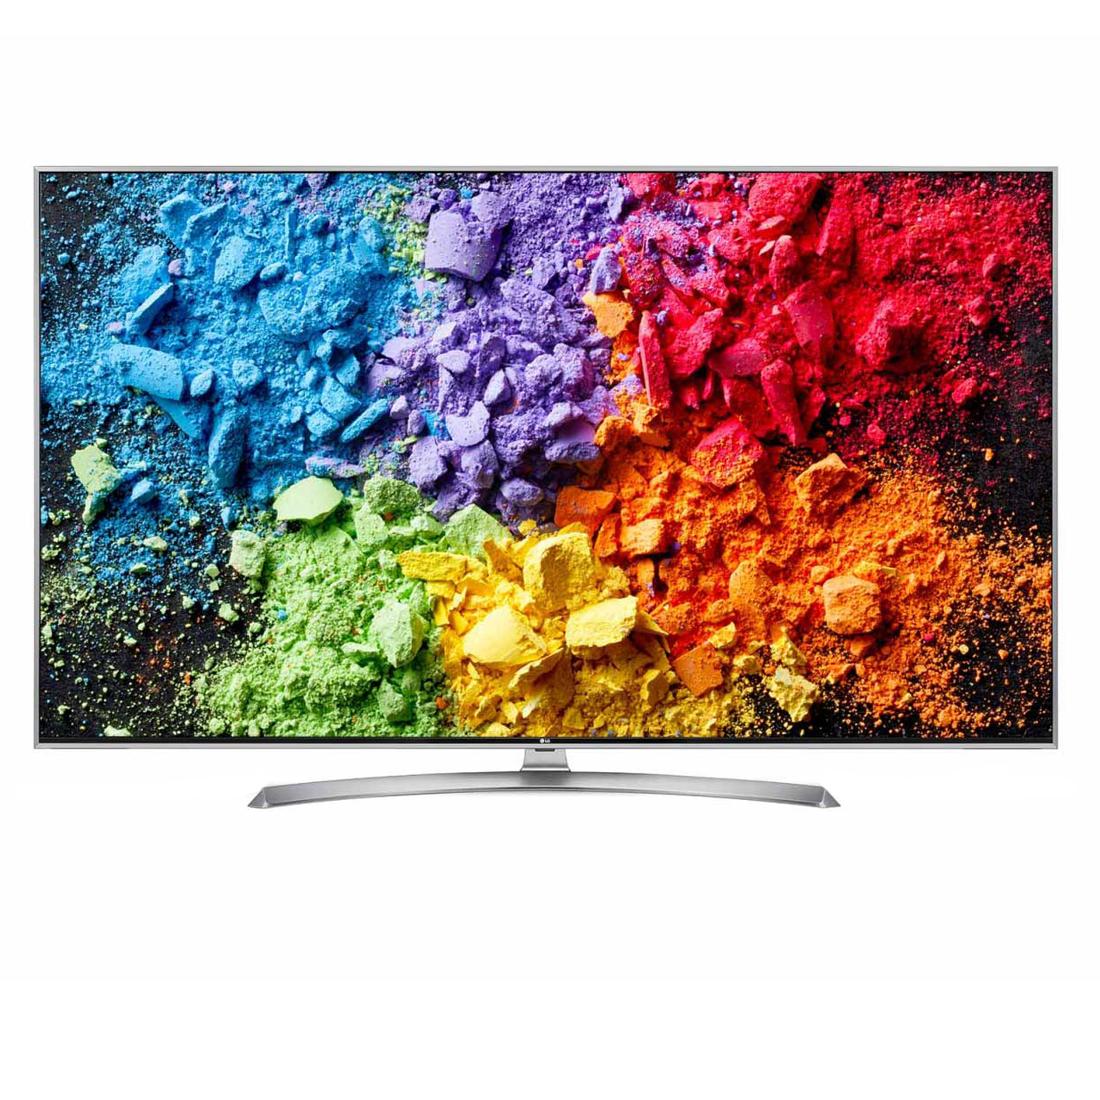 تلویزیون ال ای دی ال جی مدل 55UK77000GI سایز 55 اینچ